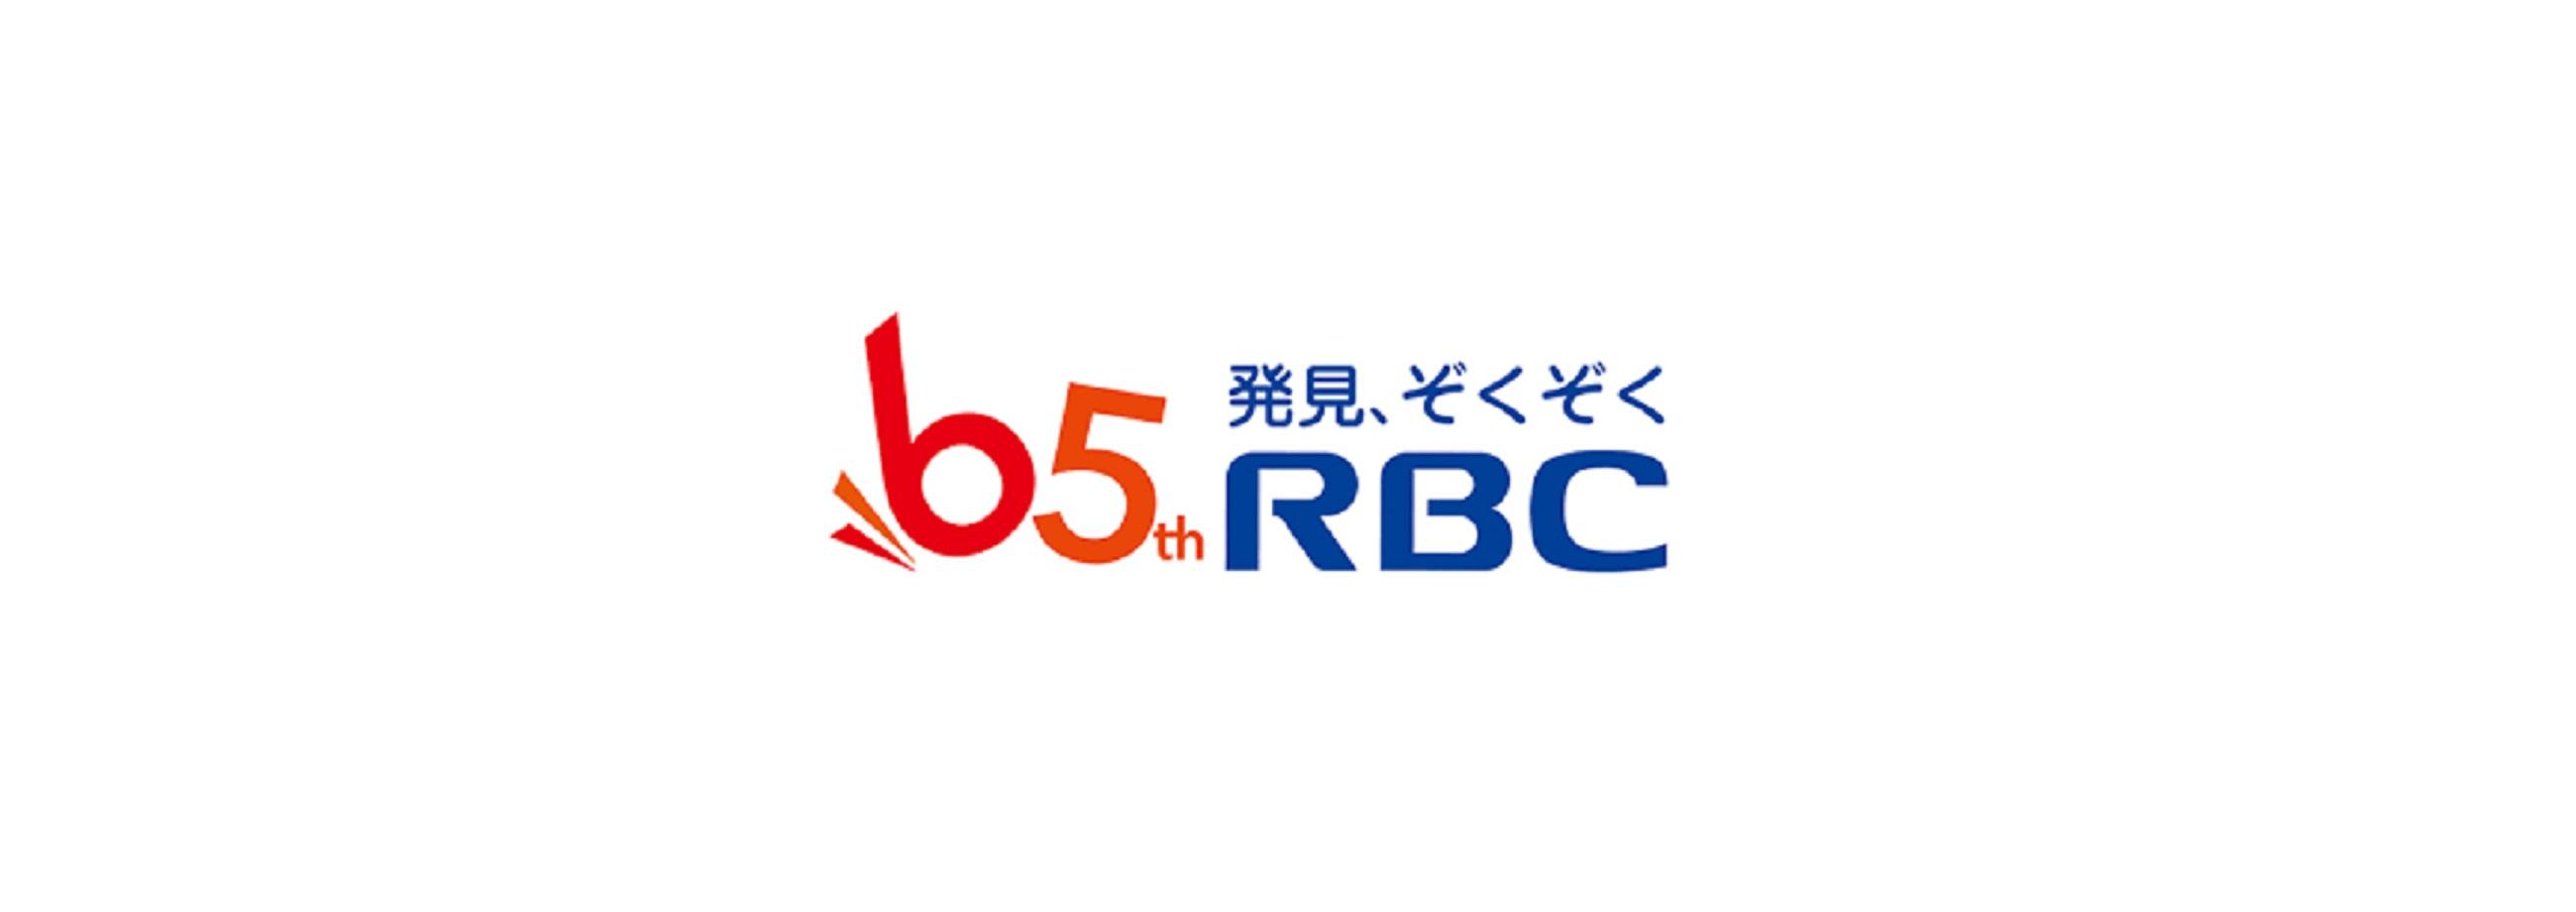 テレビ】4月26日「RBC琉球放送」「金曜日のゆうわく」にて「ザ ...